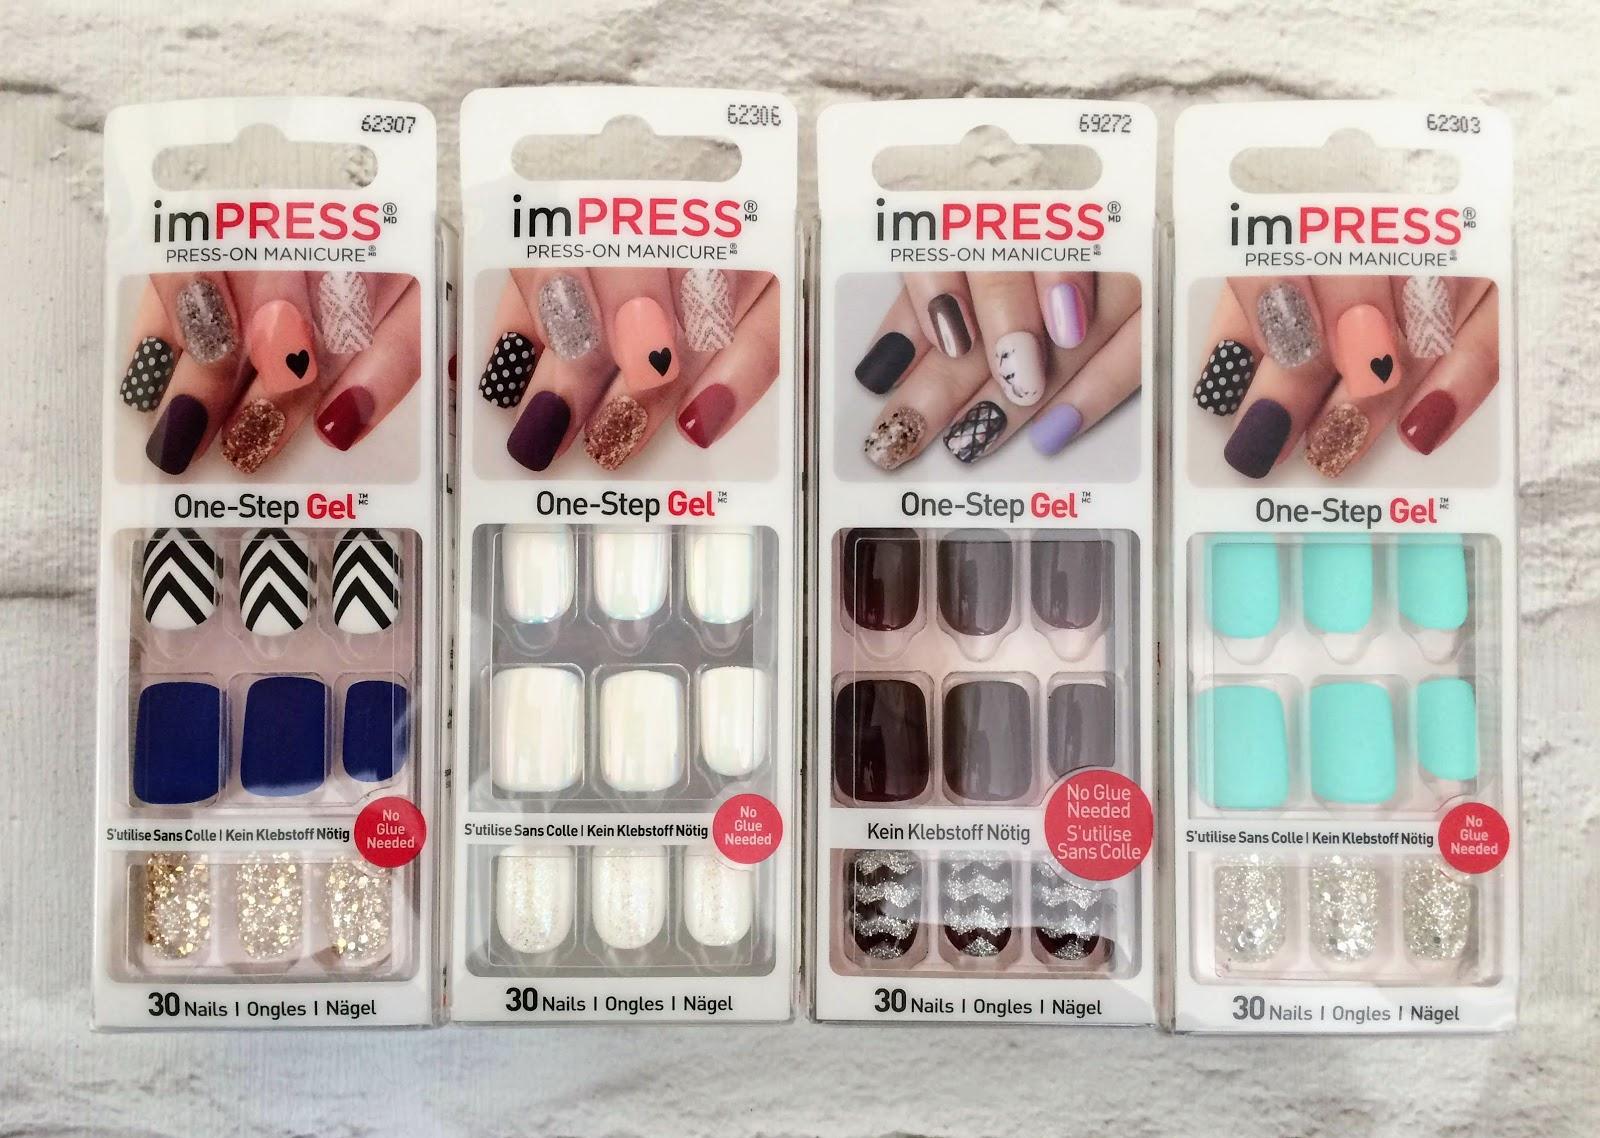 KISS imPRESS press-on manicure